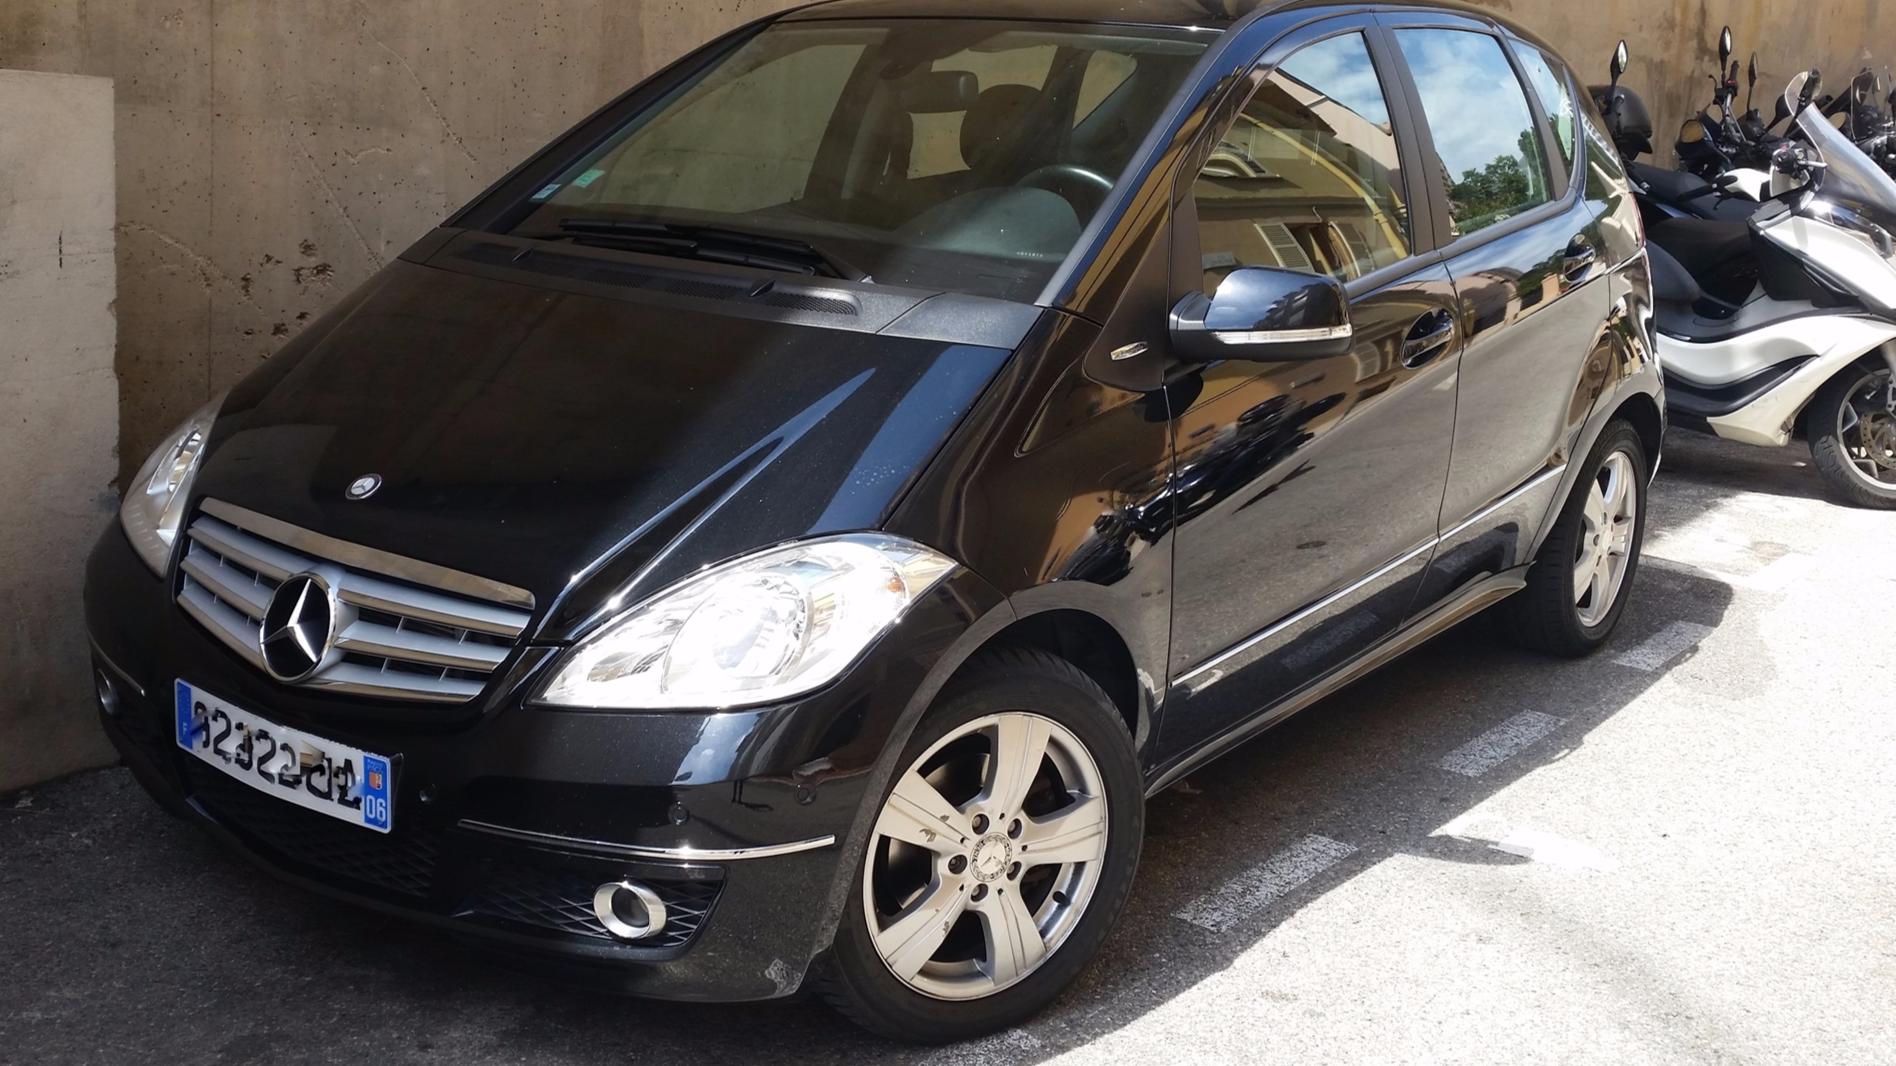 Mercedes A180 cdi Provence Alpes C´te d Azur Motors Marketplace